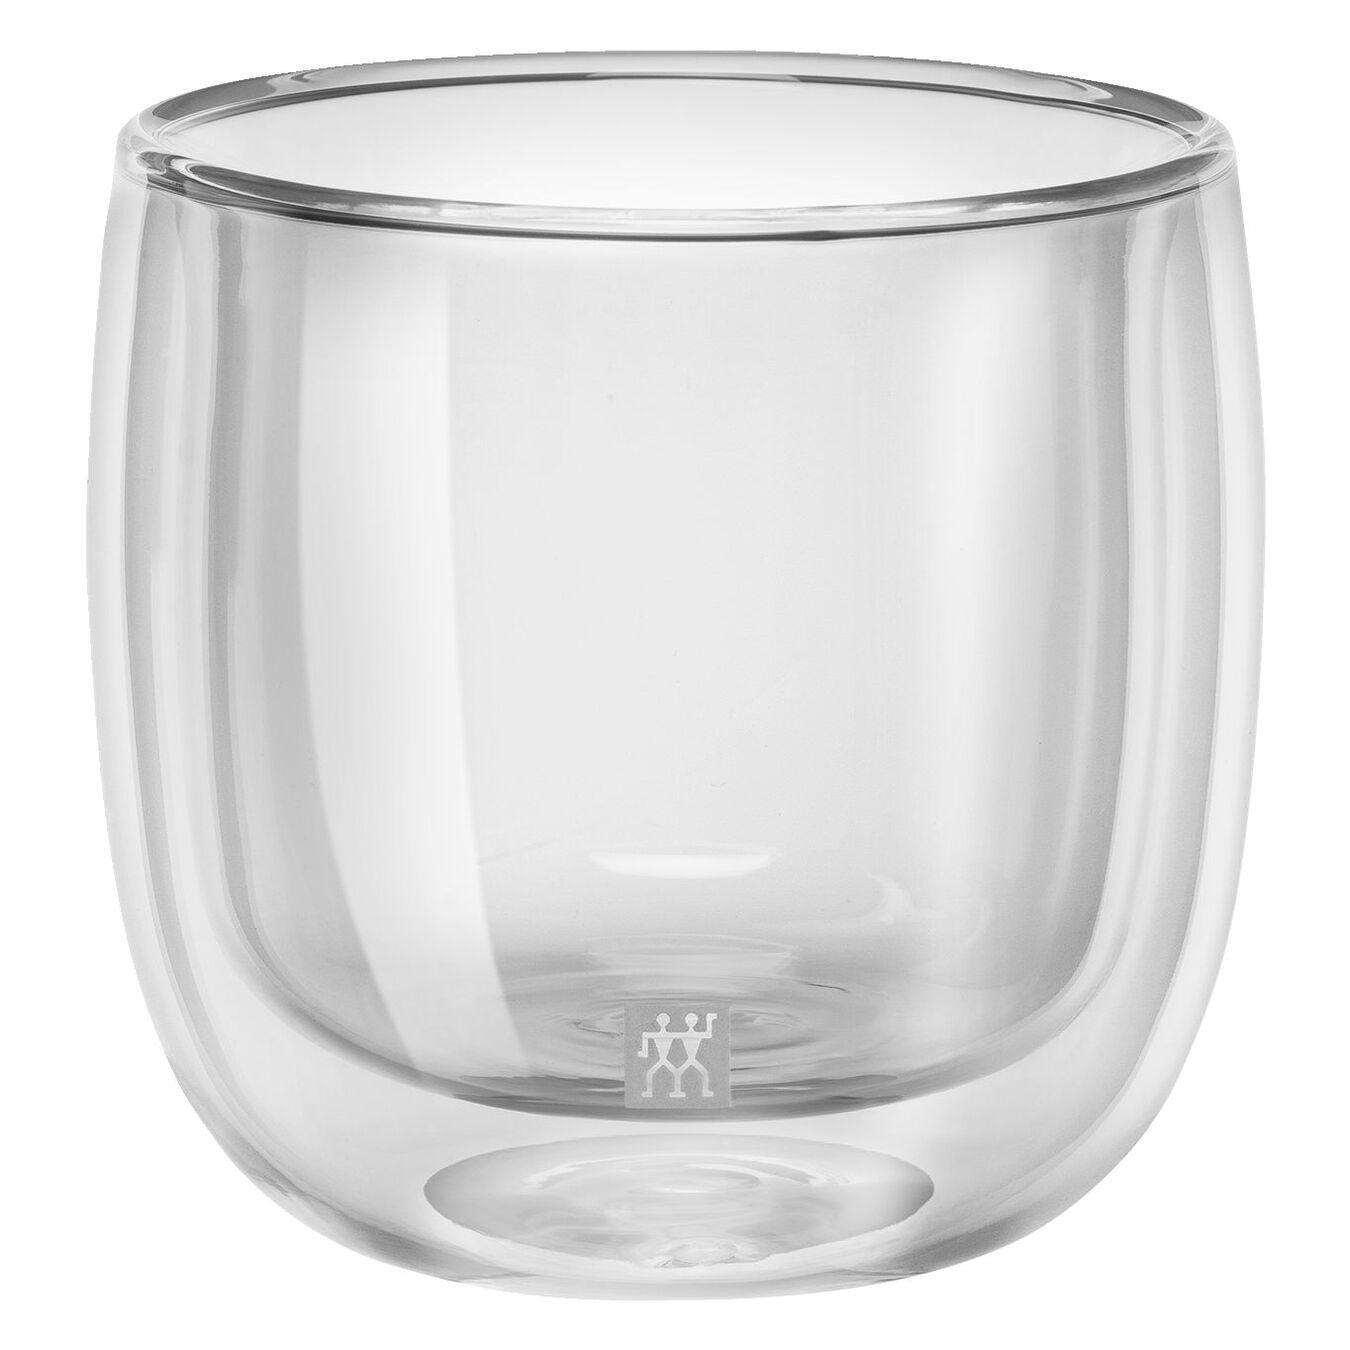 Teeglasset 250 ml,,large 5